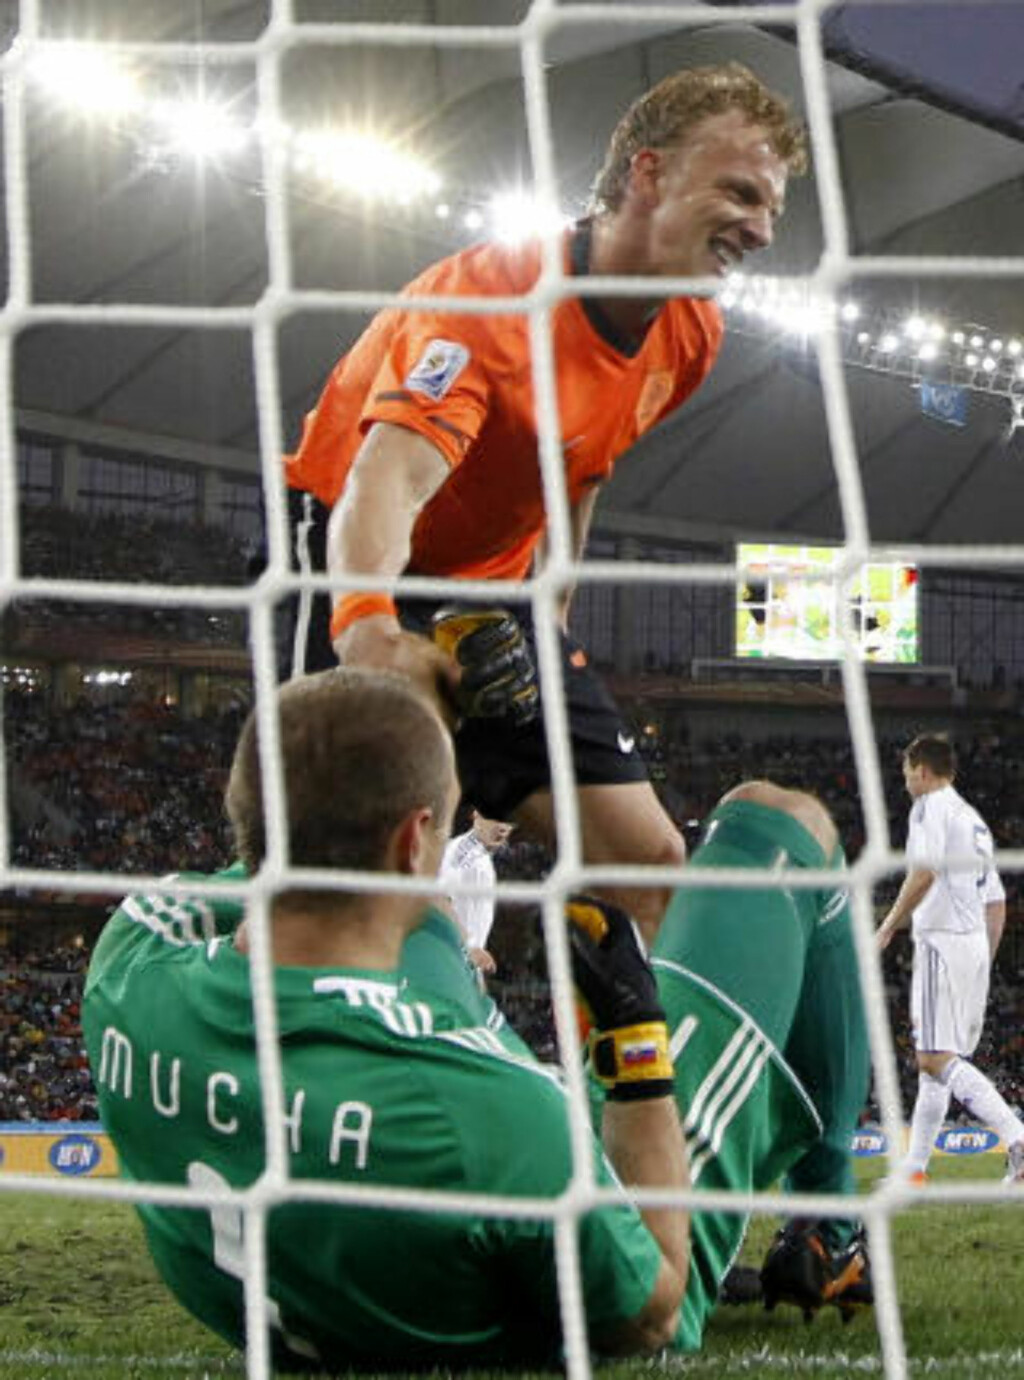 MÅLGIVENDE: Dirk Kuyt løper avgårde for å gratulere målscorer Wesley Sneijder. Kuyt gjorde alt forarbeidet og alt Sneijder måtte gjøre var å sette den i mål. Foto: Scanpix